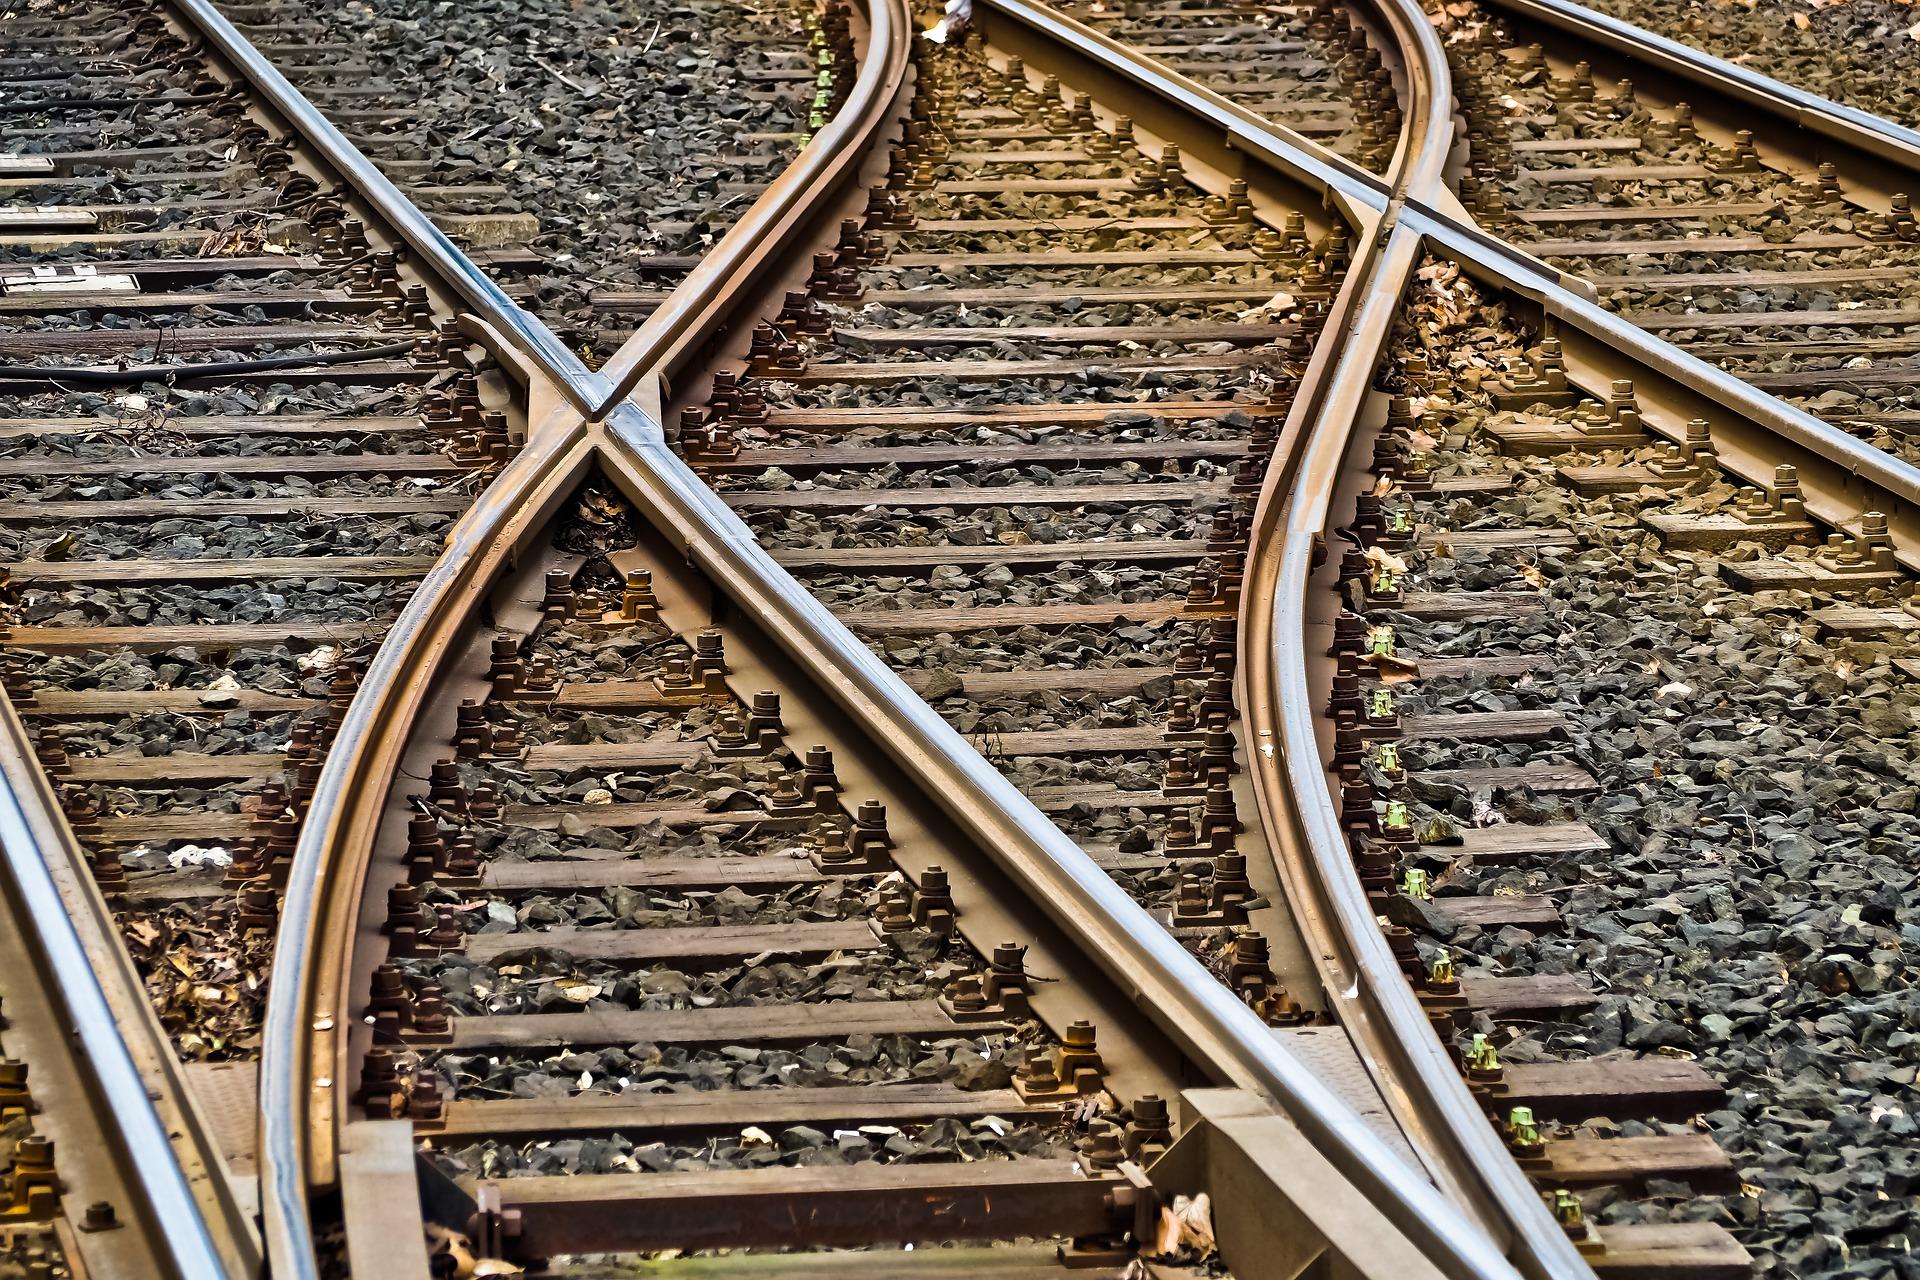 Incidenti Sul Lavoro, Grave Infortunio Di Un Operaio Alla Stazione  Di Orte